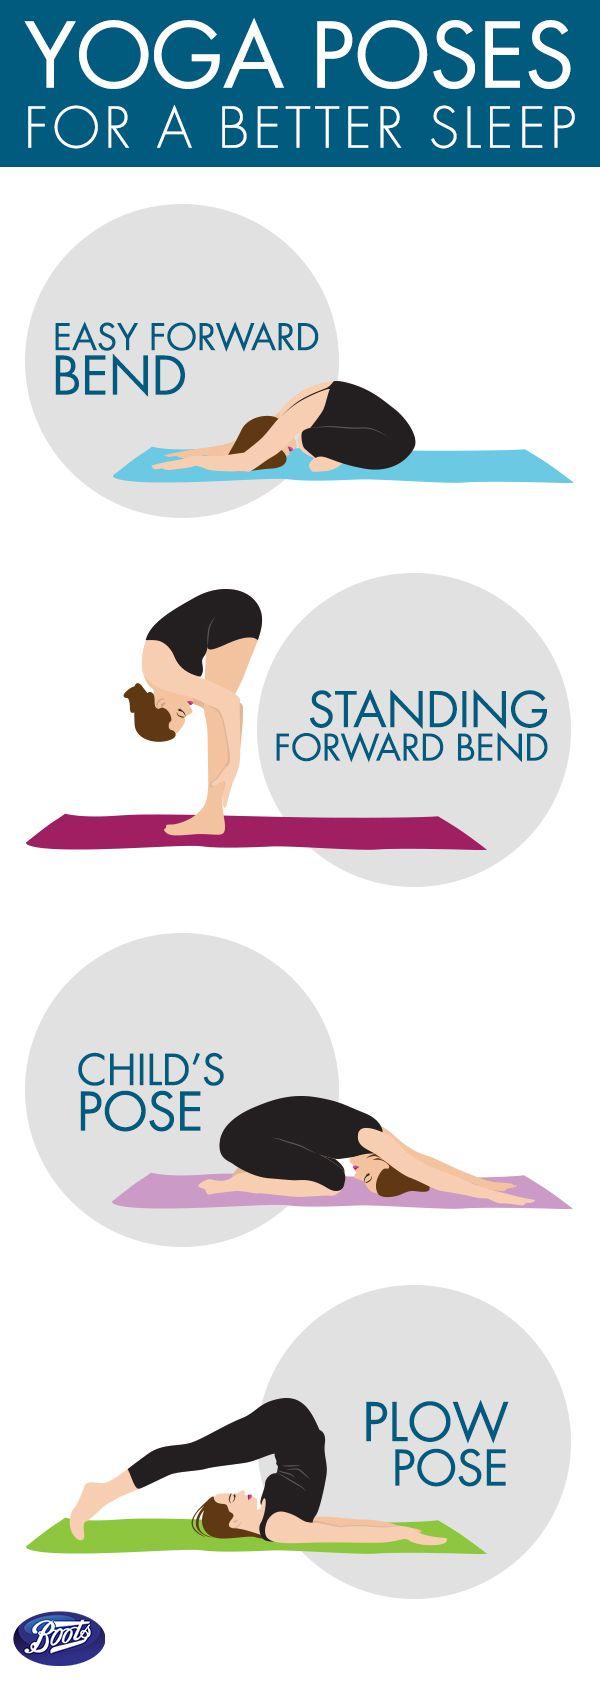 Tienen problemas para conciliar el sueño? Aquí hay 4 posiciones de yoga simples para ayudarle a dormir apagar su cerebro antes de acostarse.